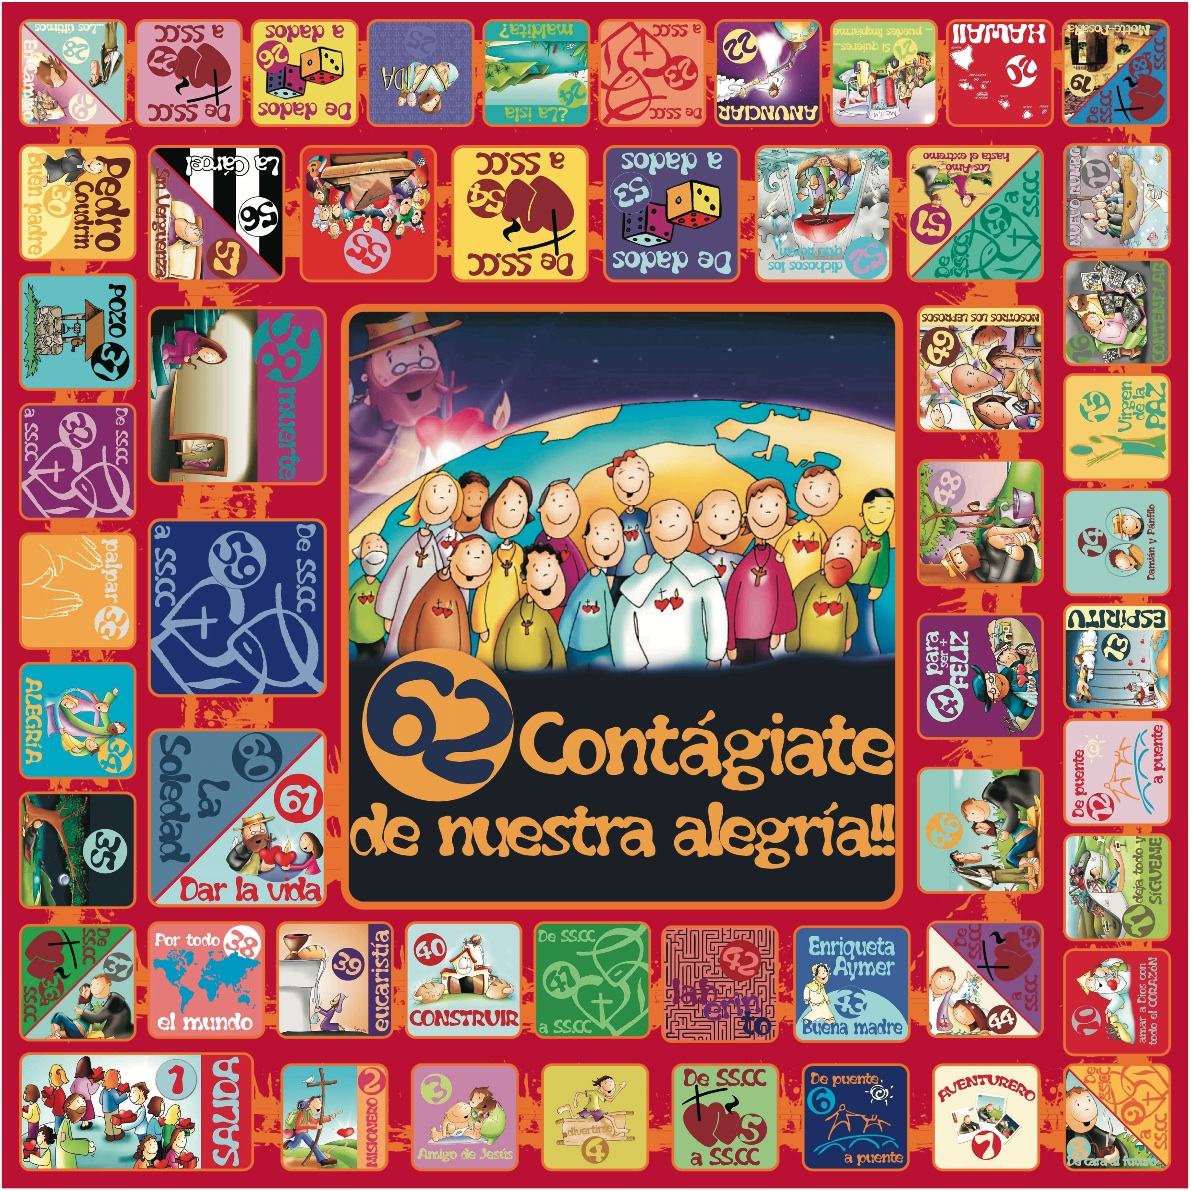 La catequesis el blog de sandra noviembre 2012 - Juego de la oca ...